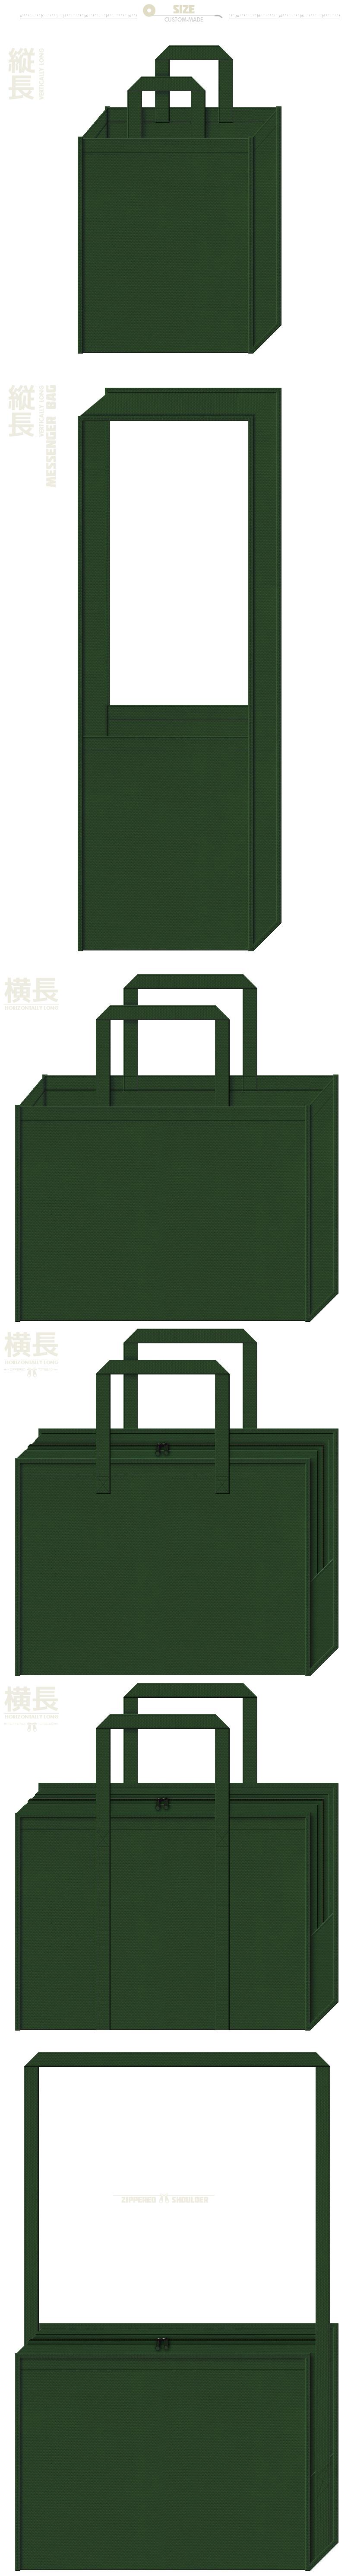 濃緑色の不織布トートバッグ